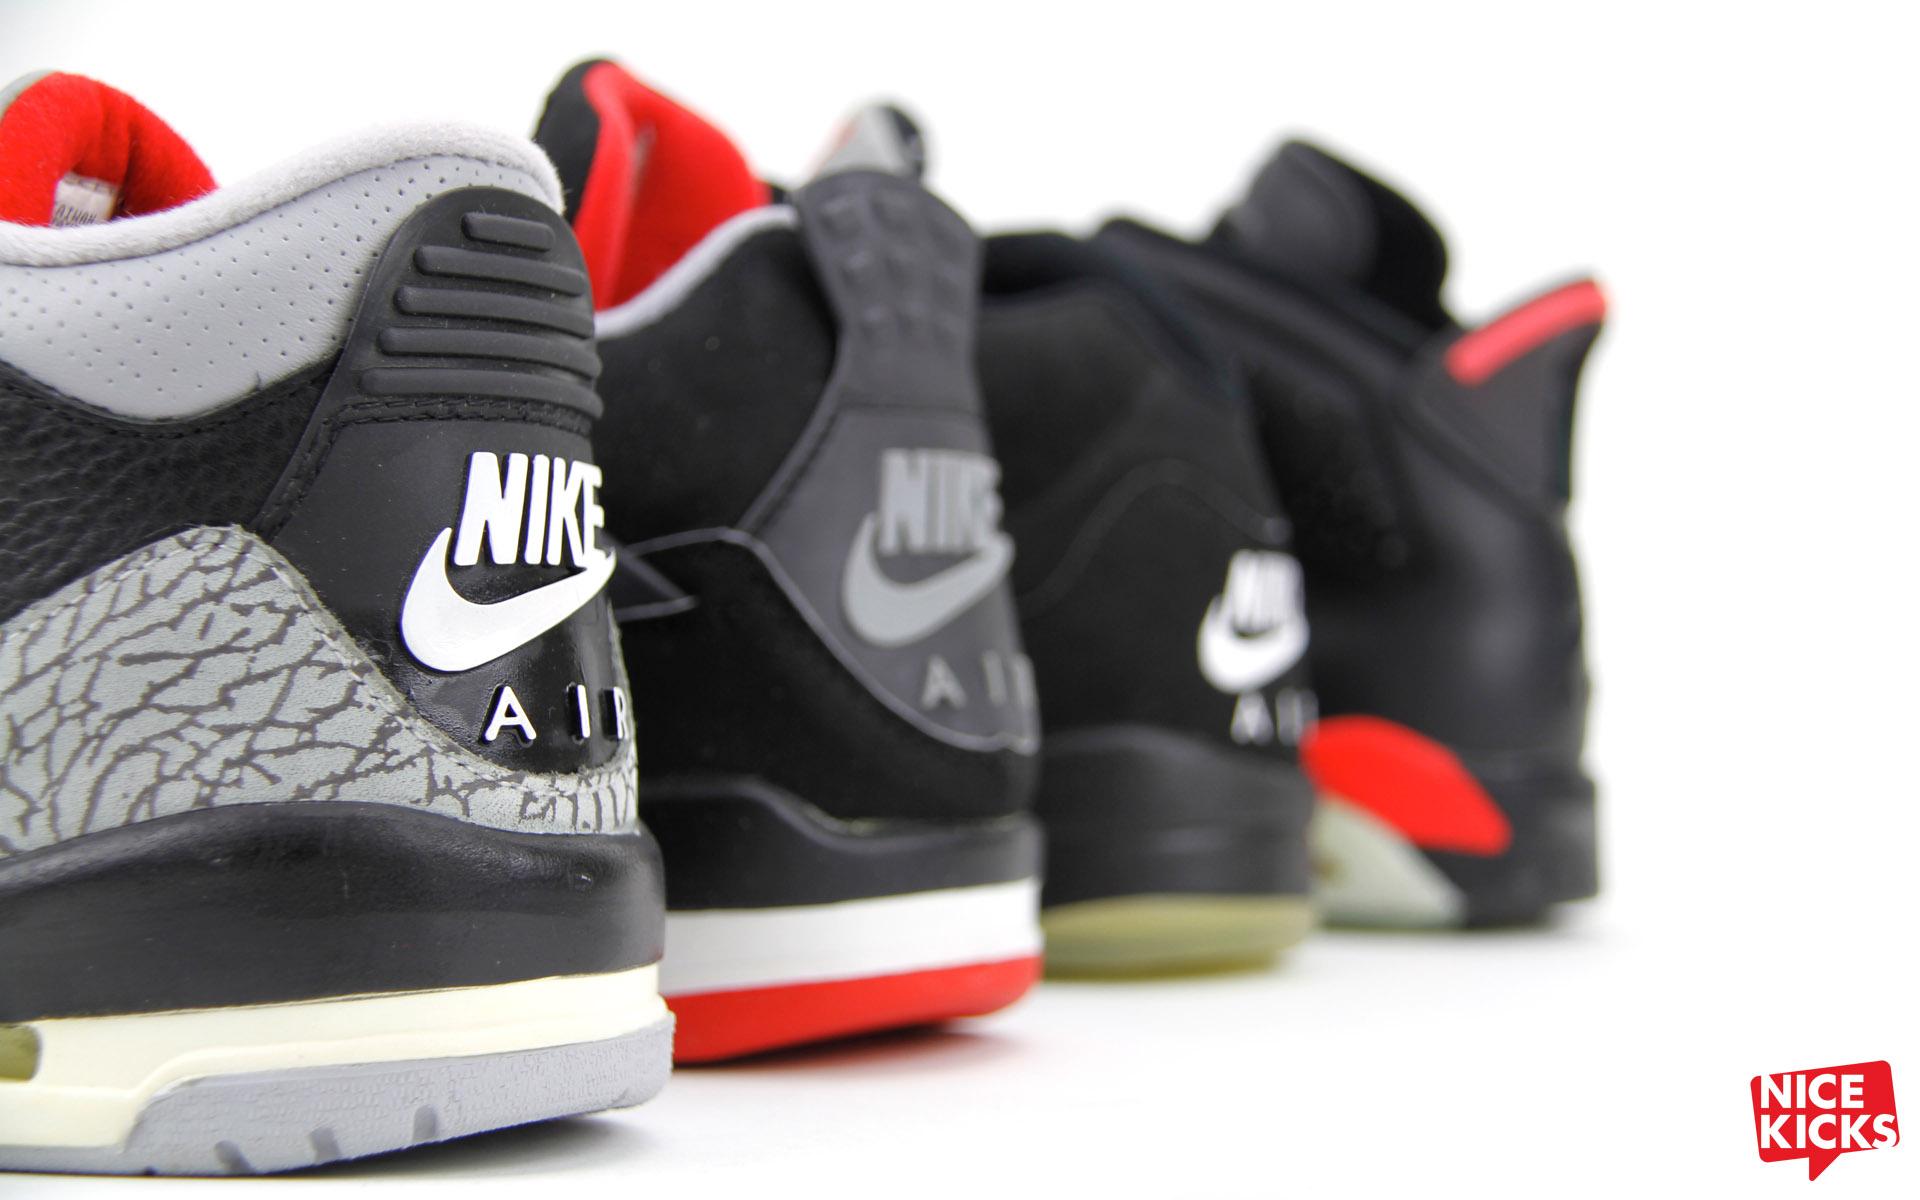 Og Nike Air Jordans Hd Wallpaper